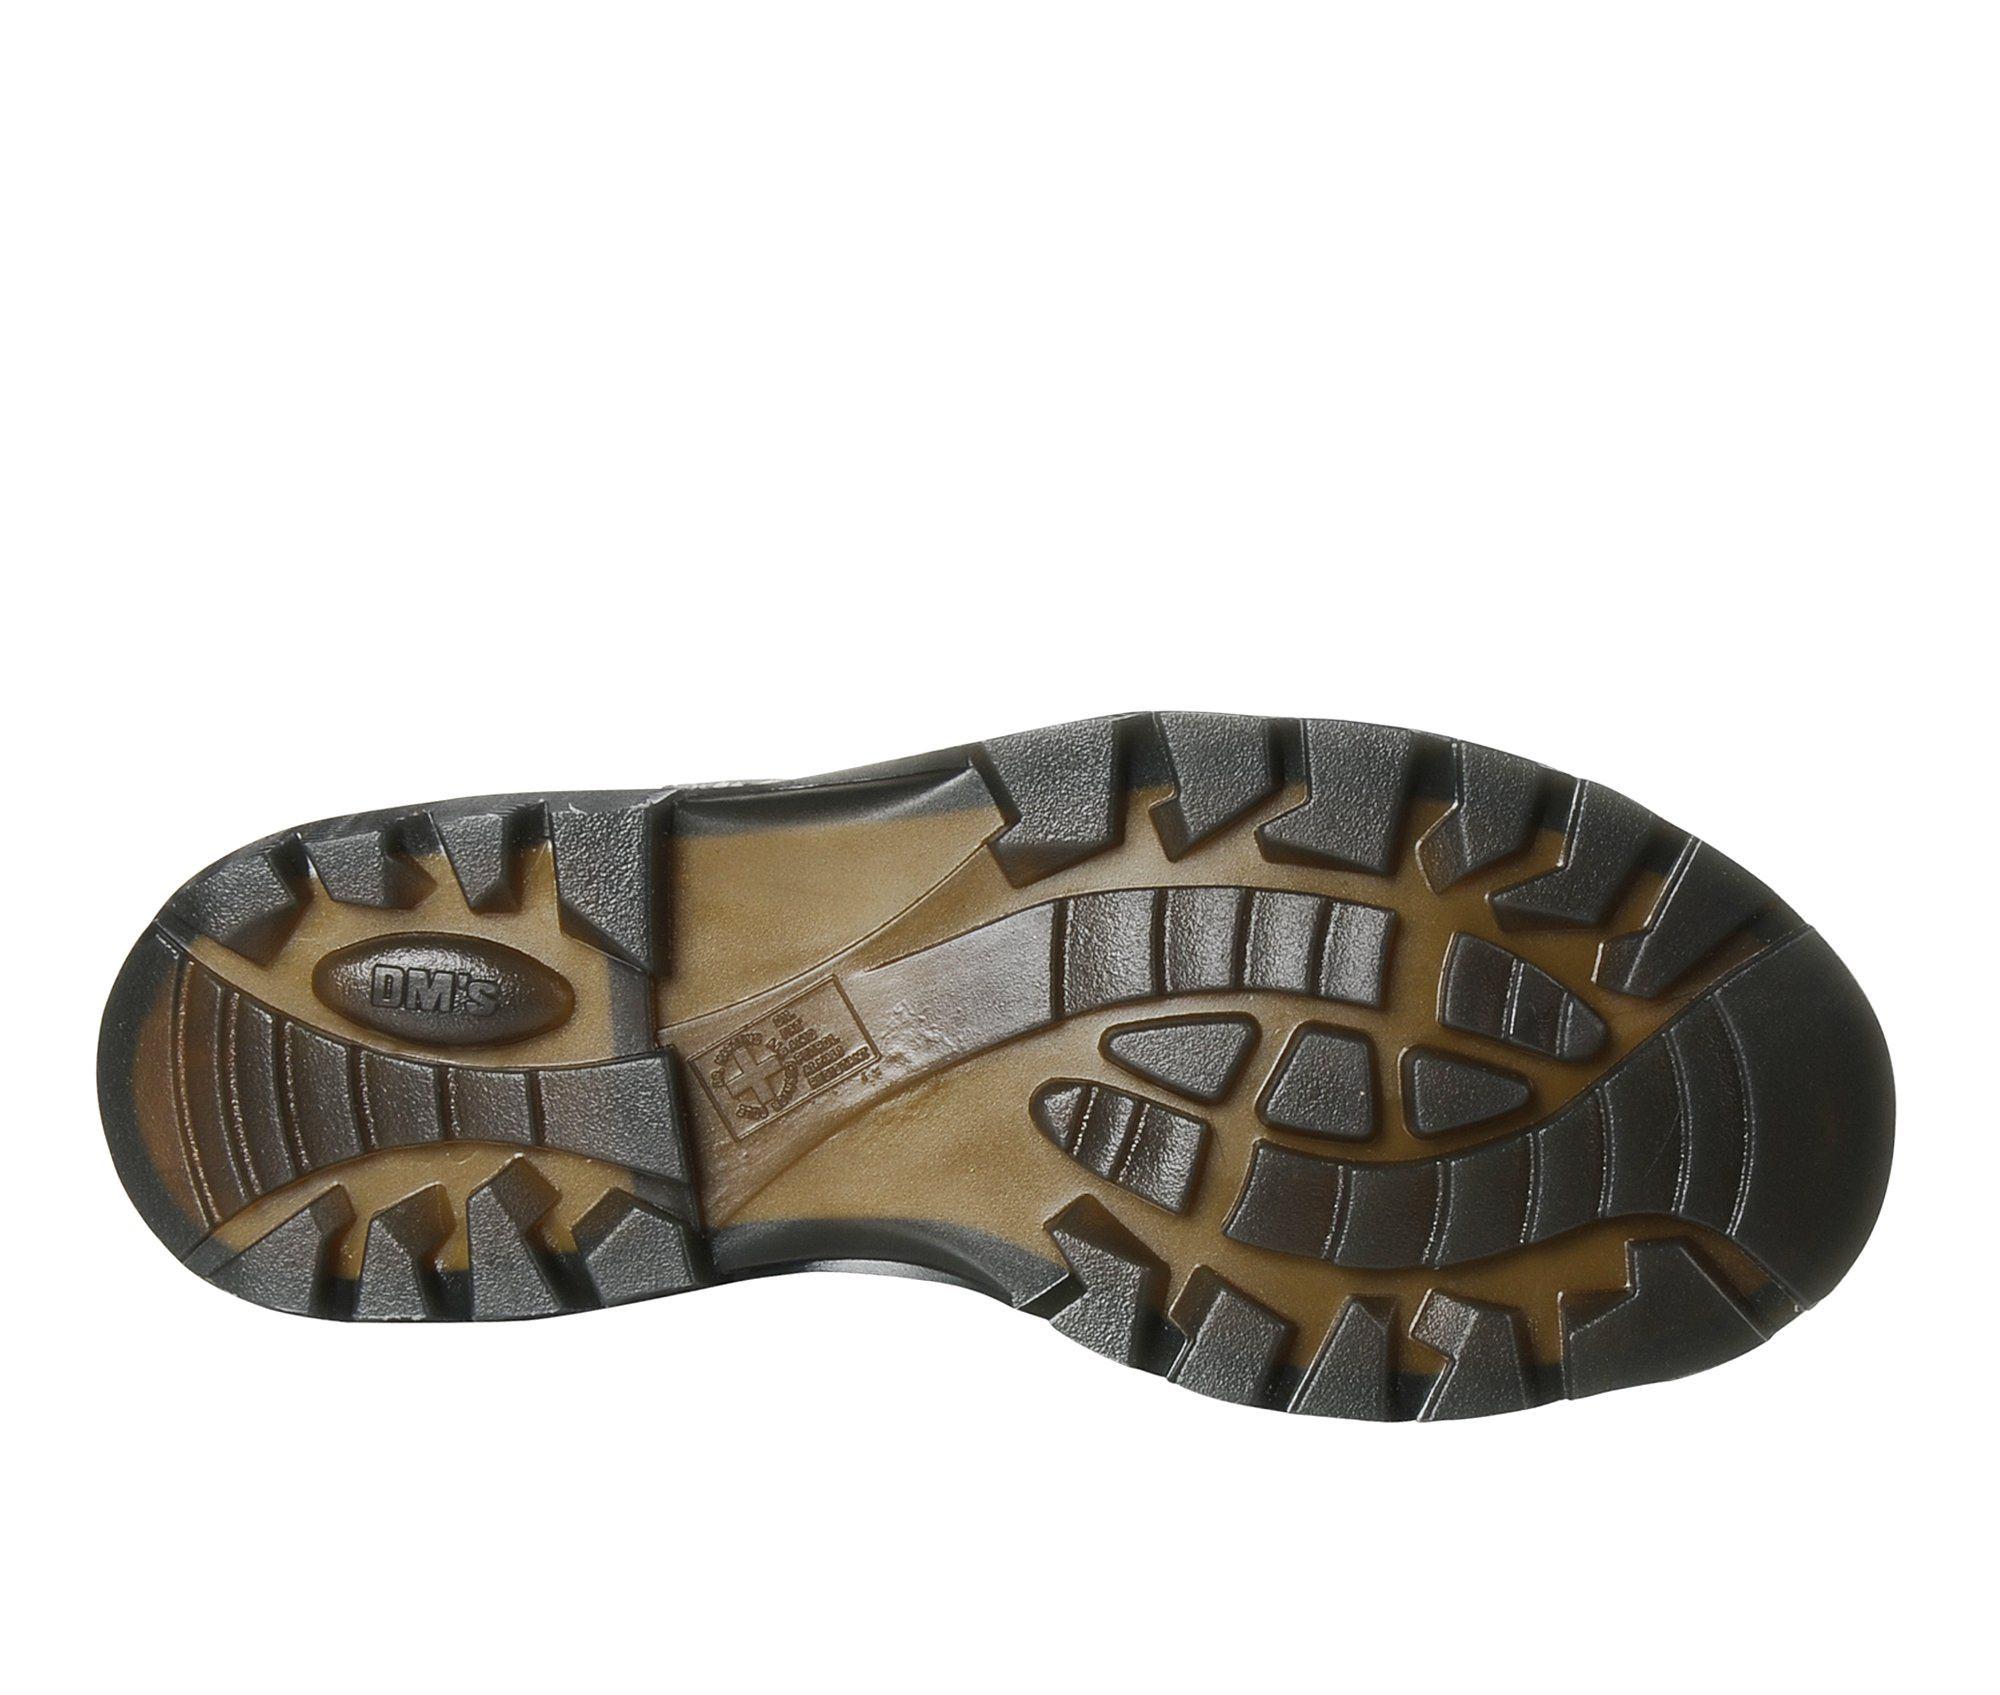 dr martens boots industrial ironbridge steel toe